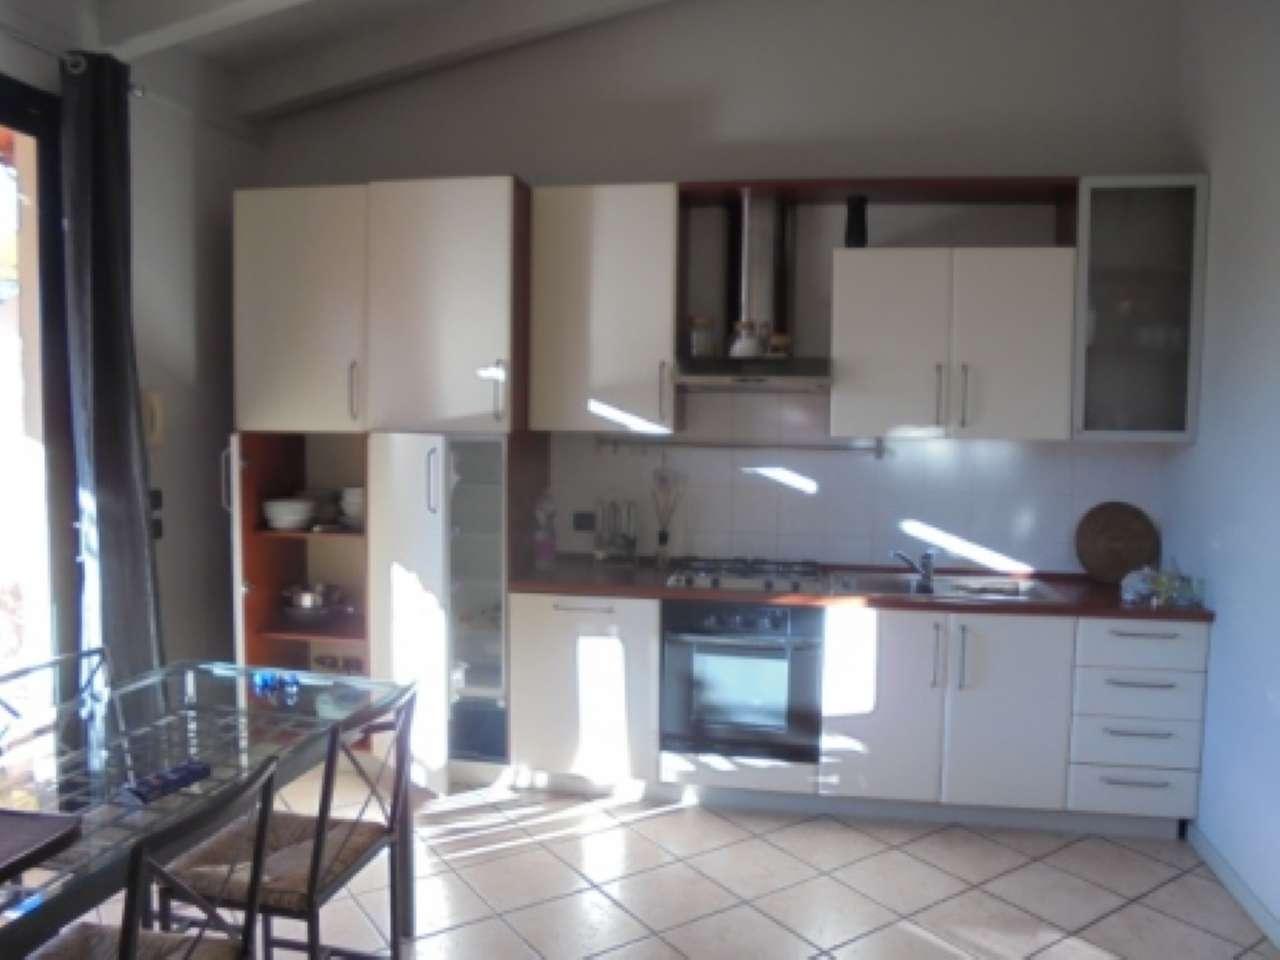 Appartamento in affitto a Padenghe sul Garda, 2 locali, prezzo € 700 | Cambio Casa.it